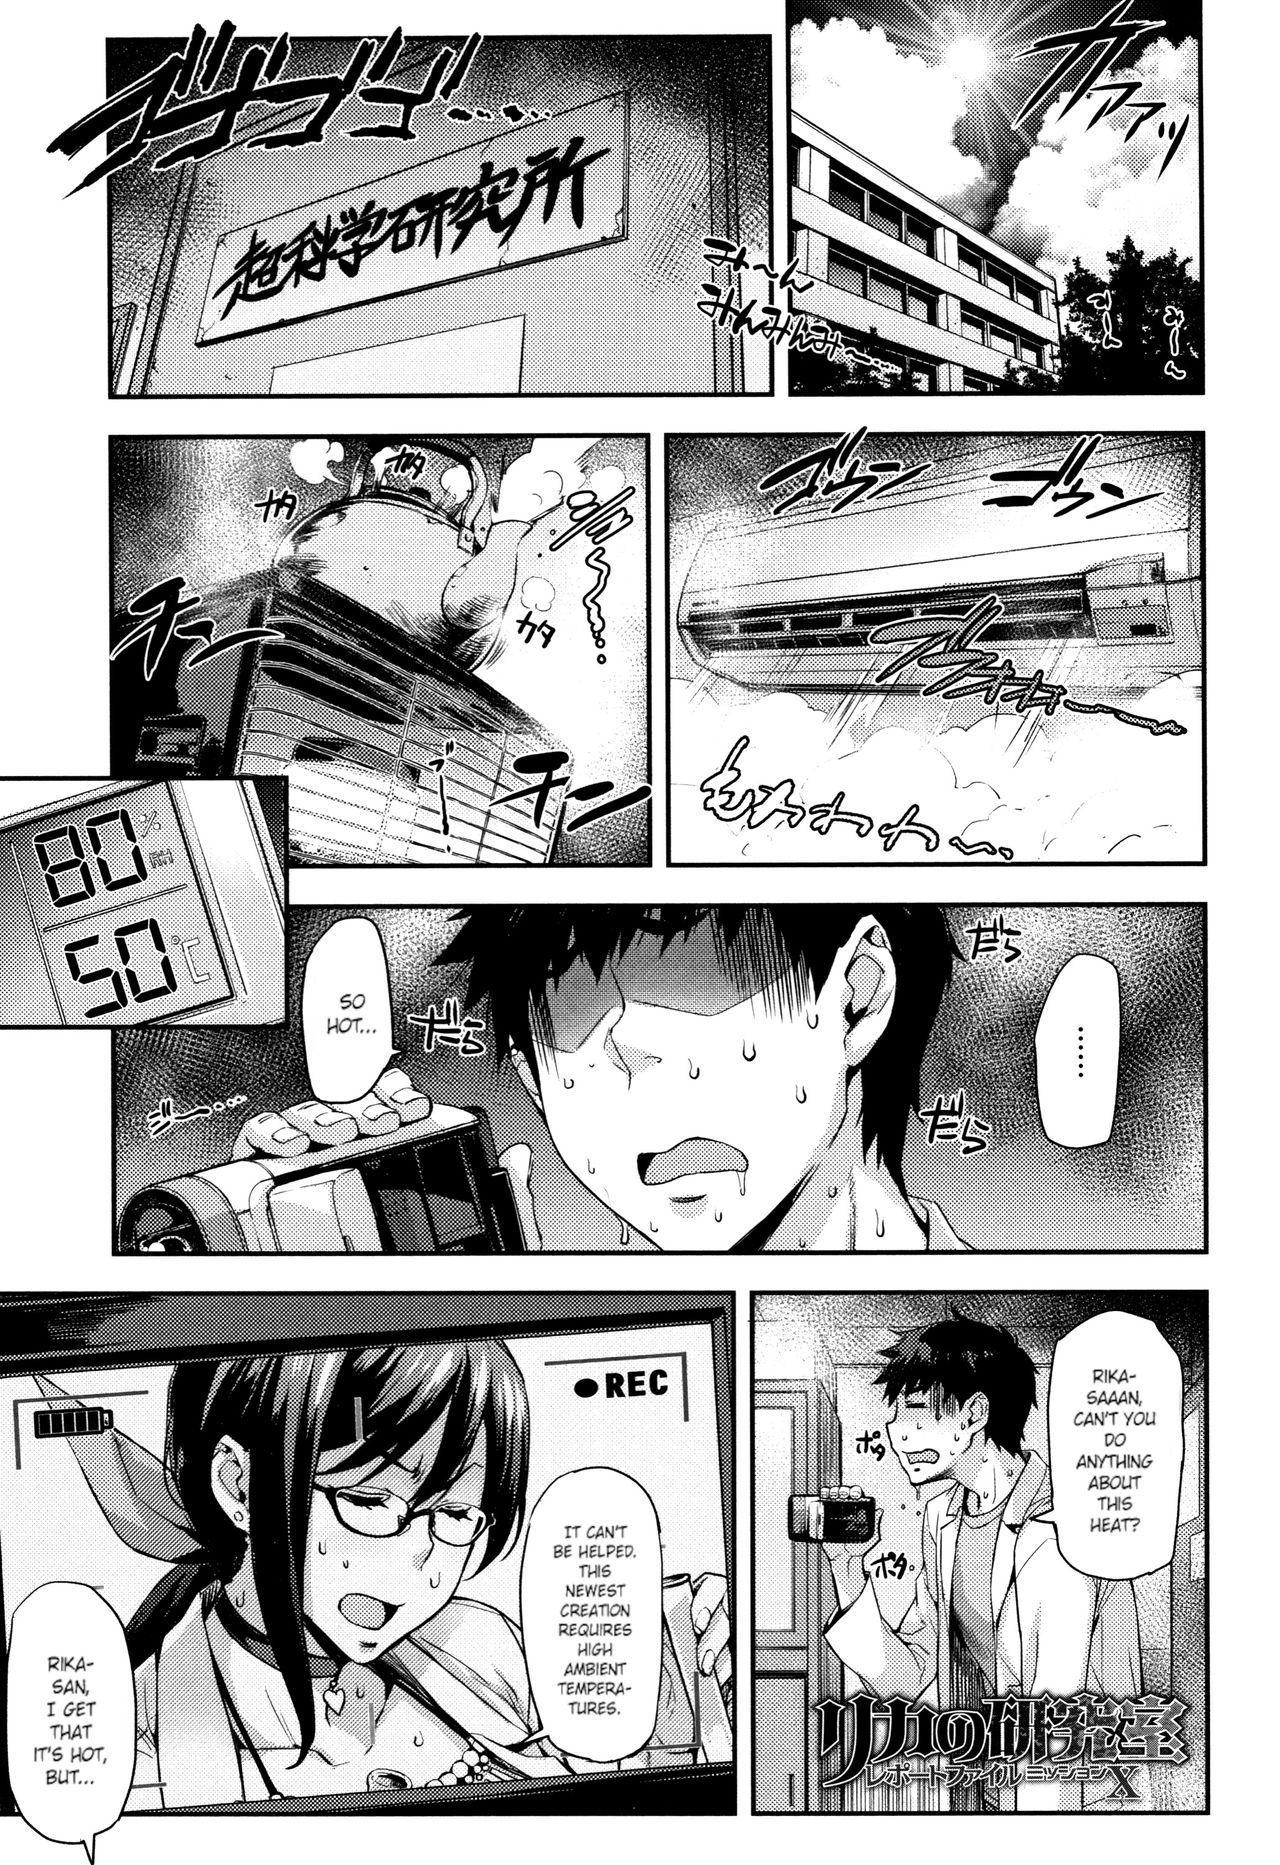 [Takurou] Rica no Kenkyuushitsu ~Chiteki na Rikeijo no Seitai~ Ch. 1-7 [English] [Crystalium] 71